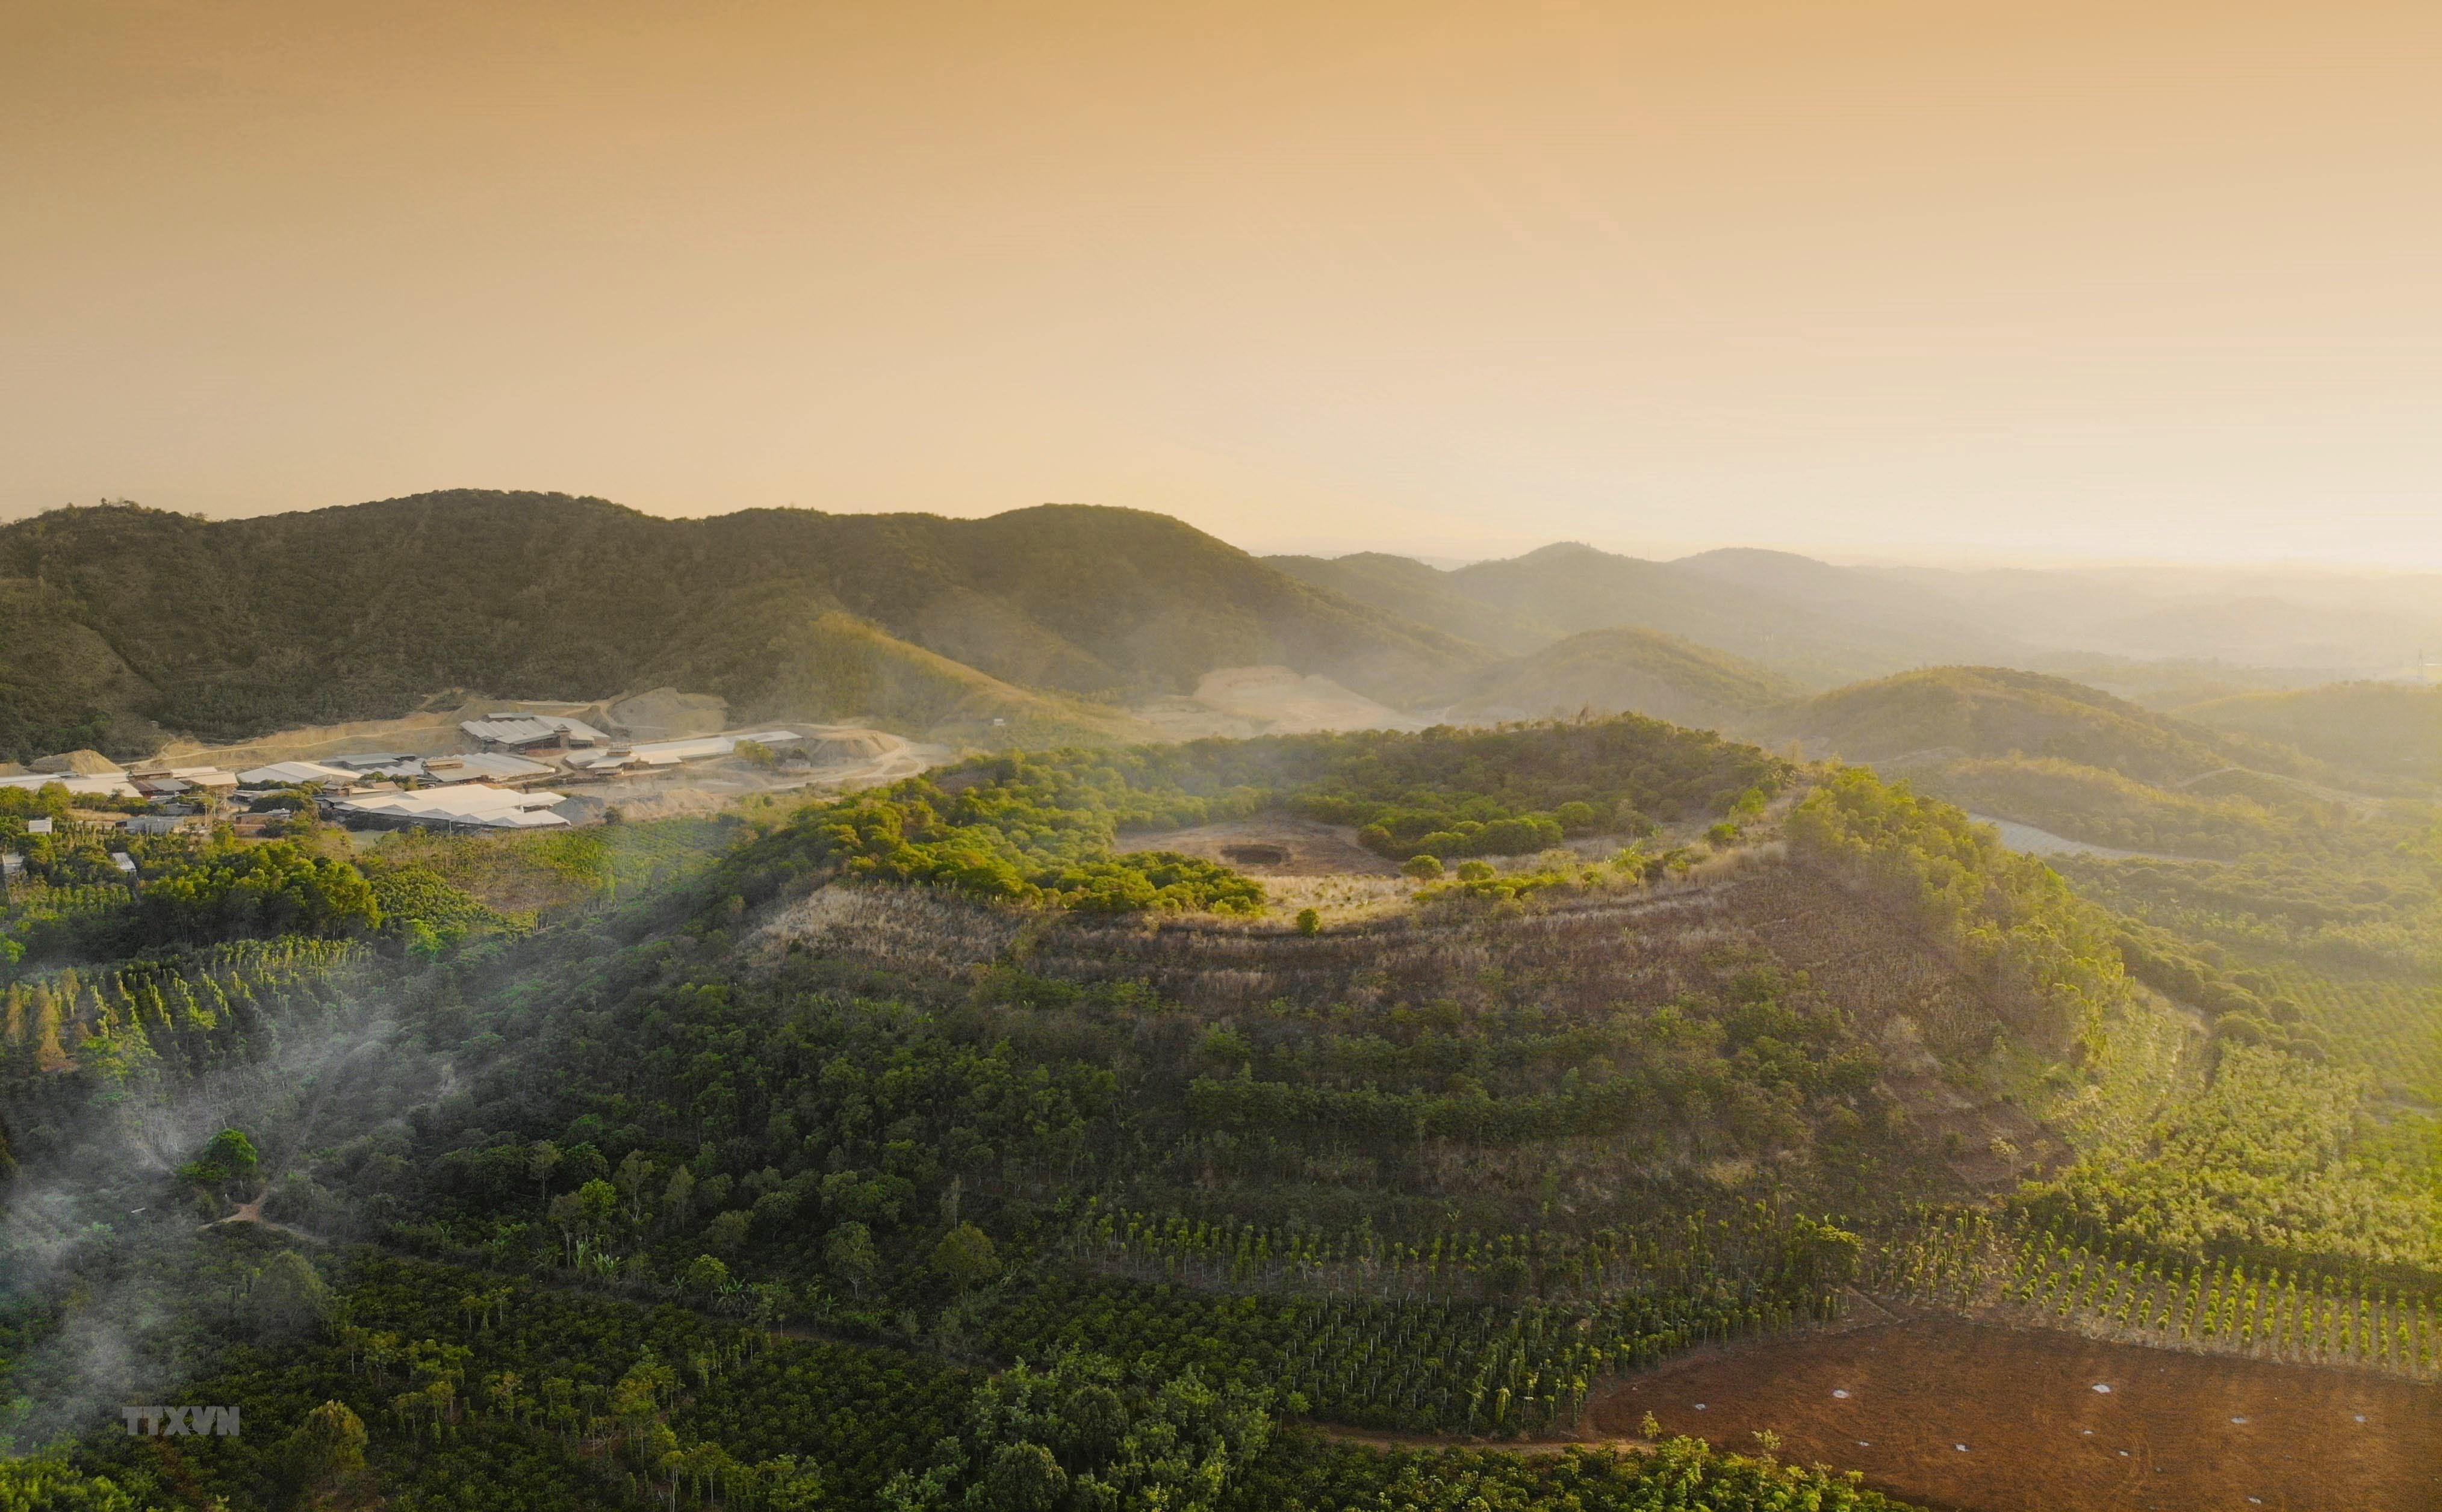 Le parc géologique de Dak Nong reconnu géoparc mondial par l'UNESCO